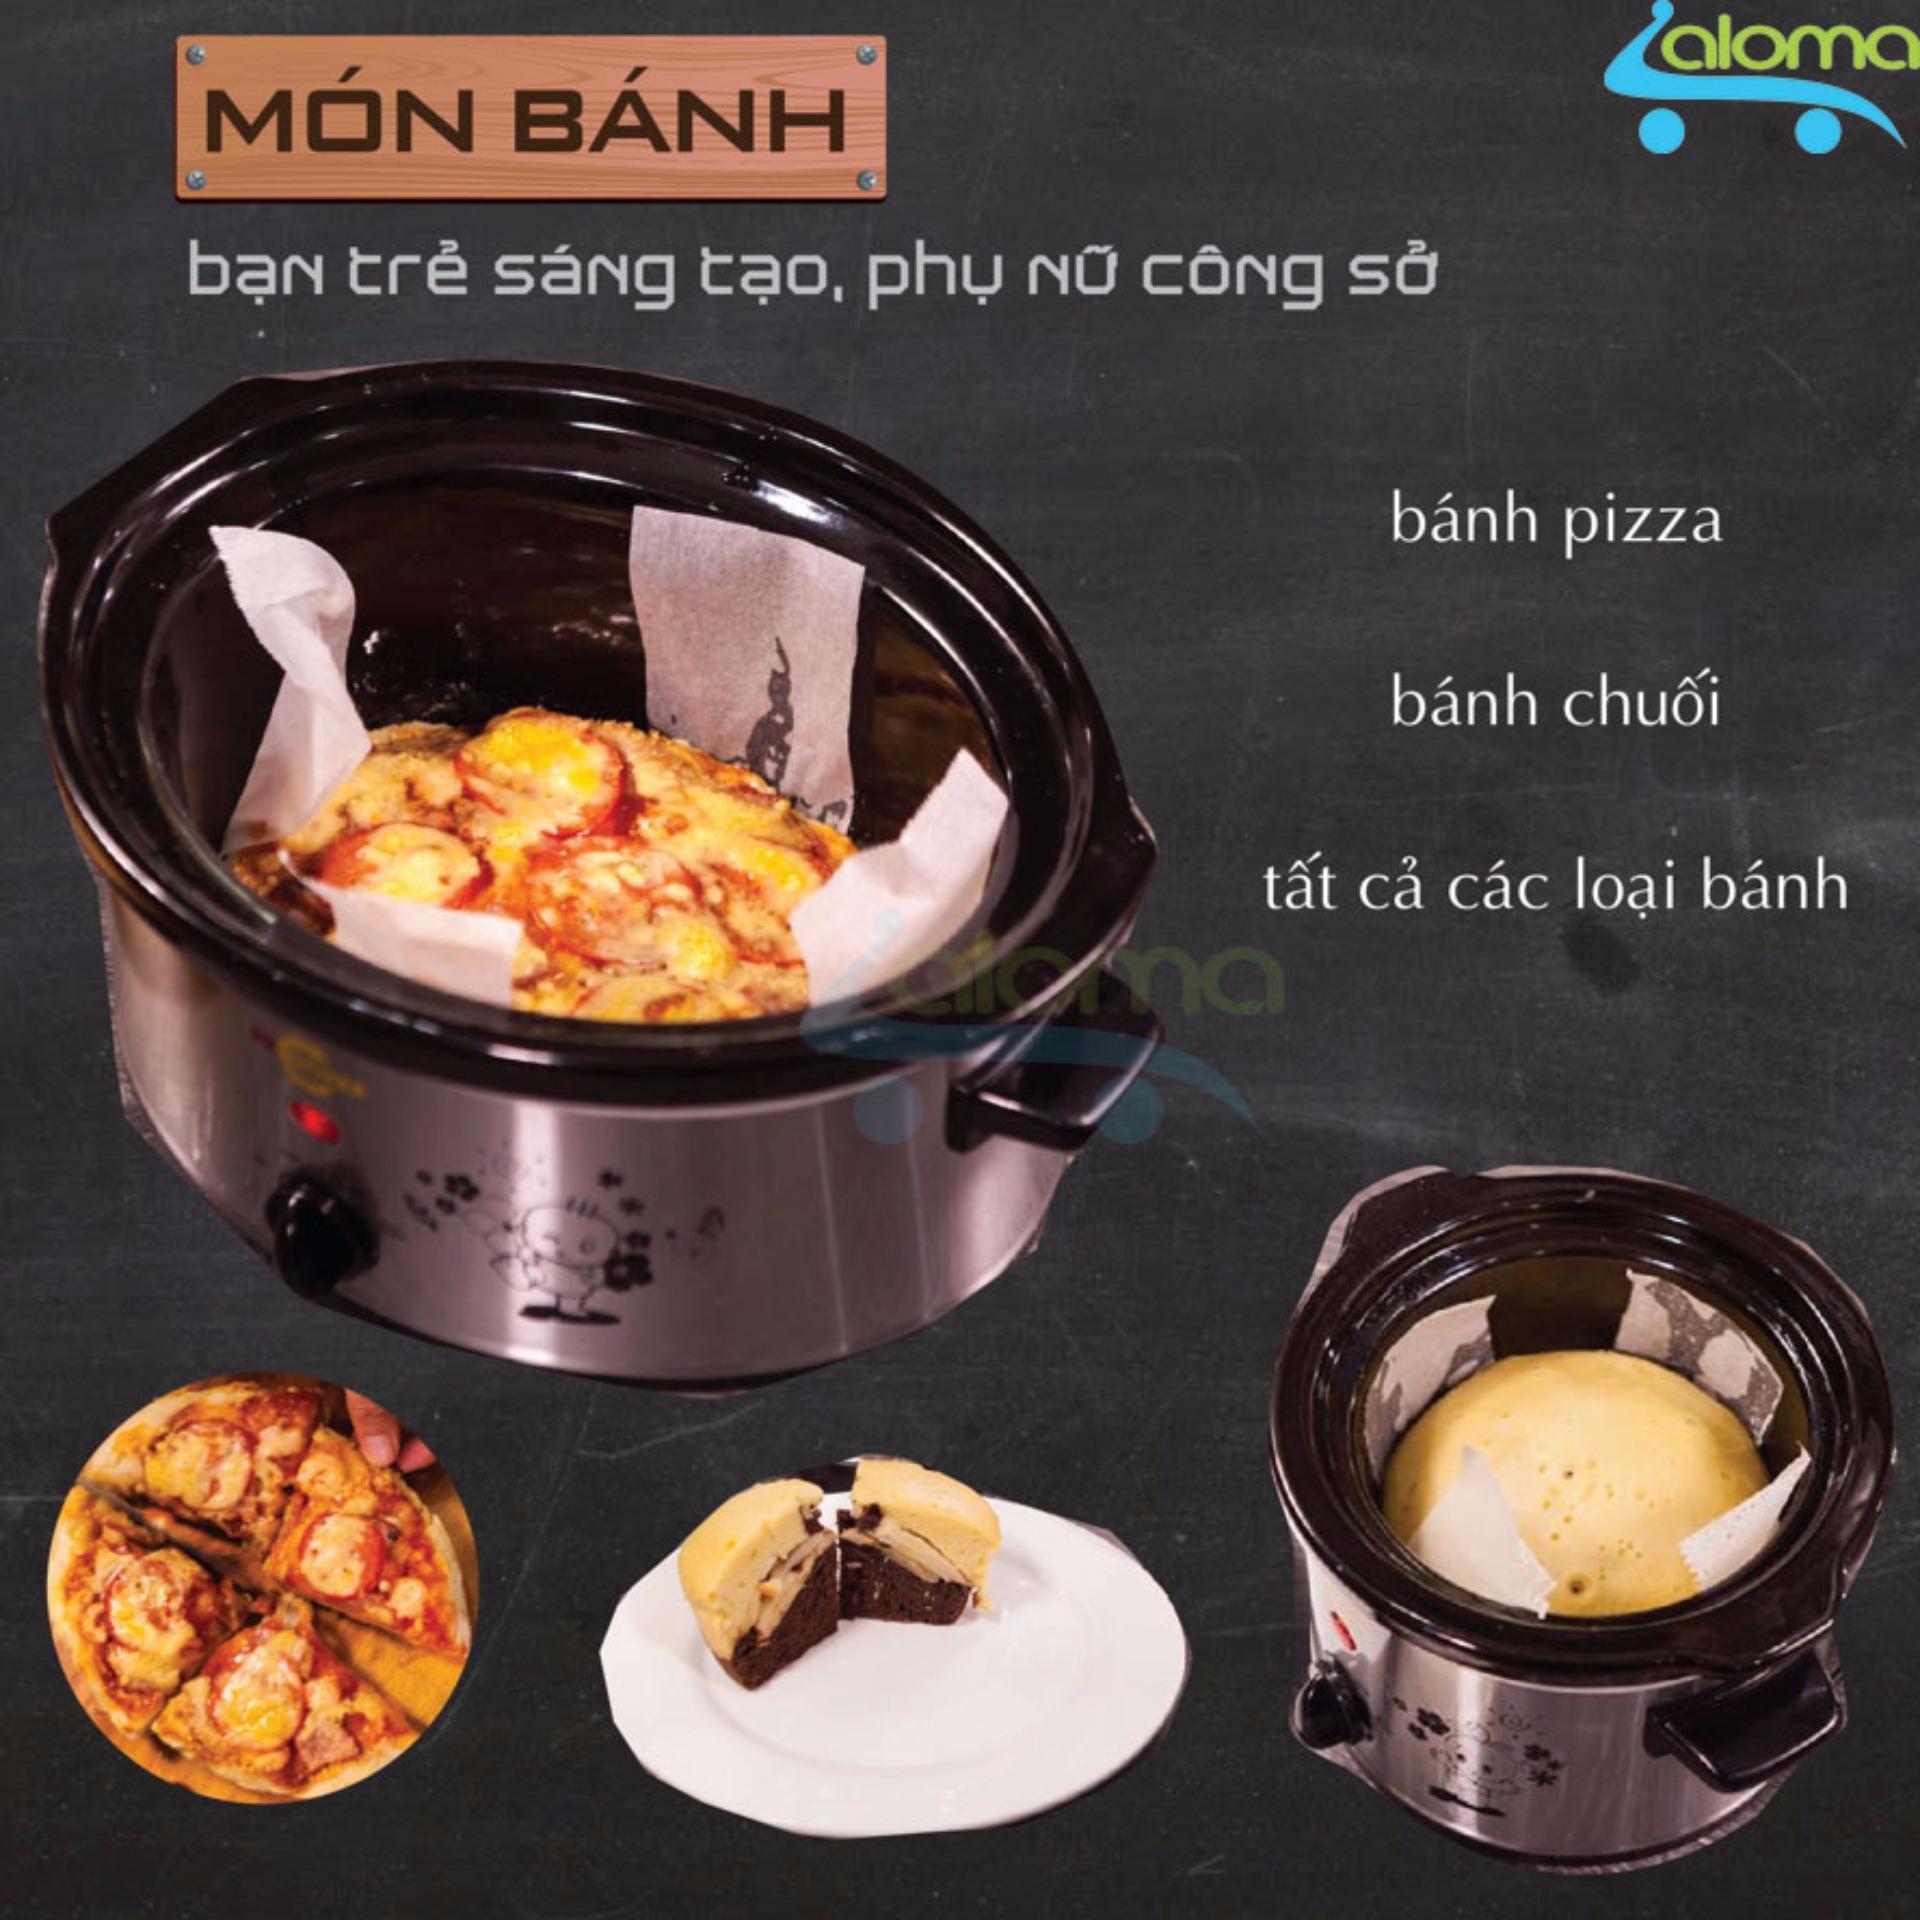 Nồi nấu chậm hầm kho nấu cháo dinh dưỡng 1.5 lít BBcooker BS15